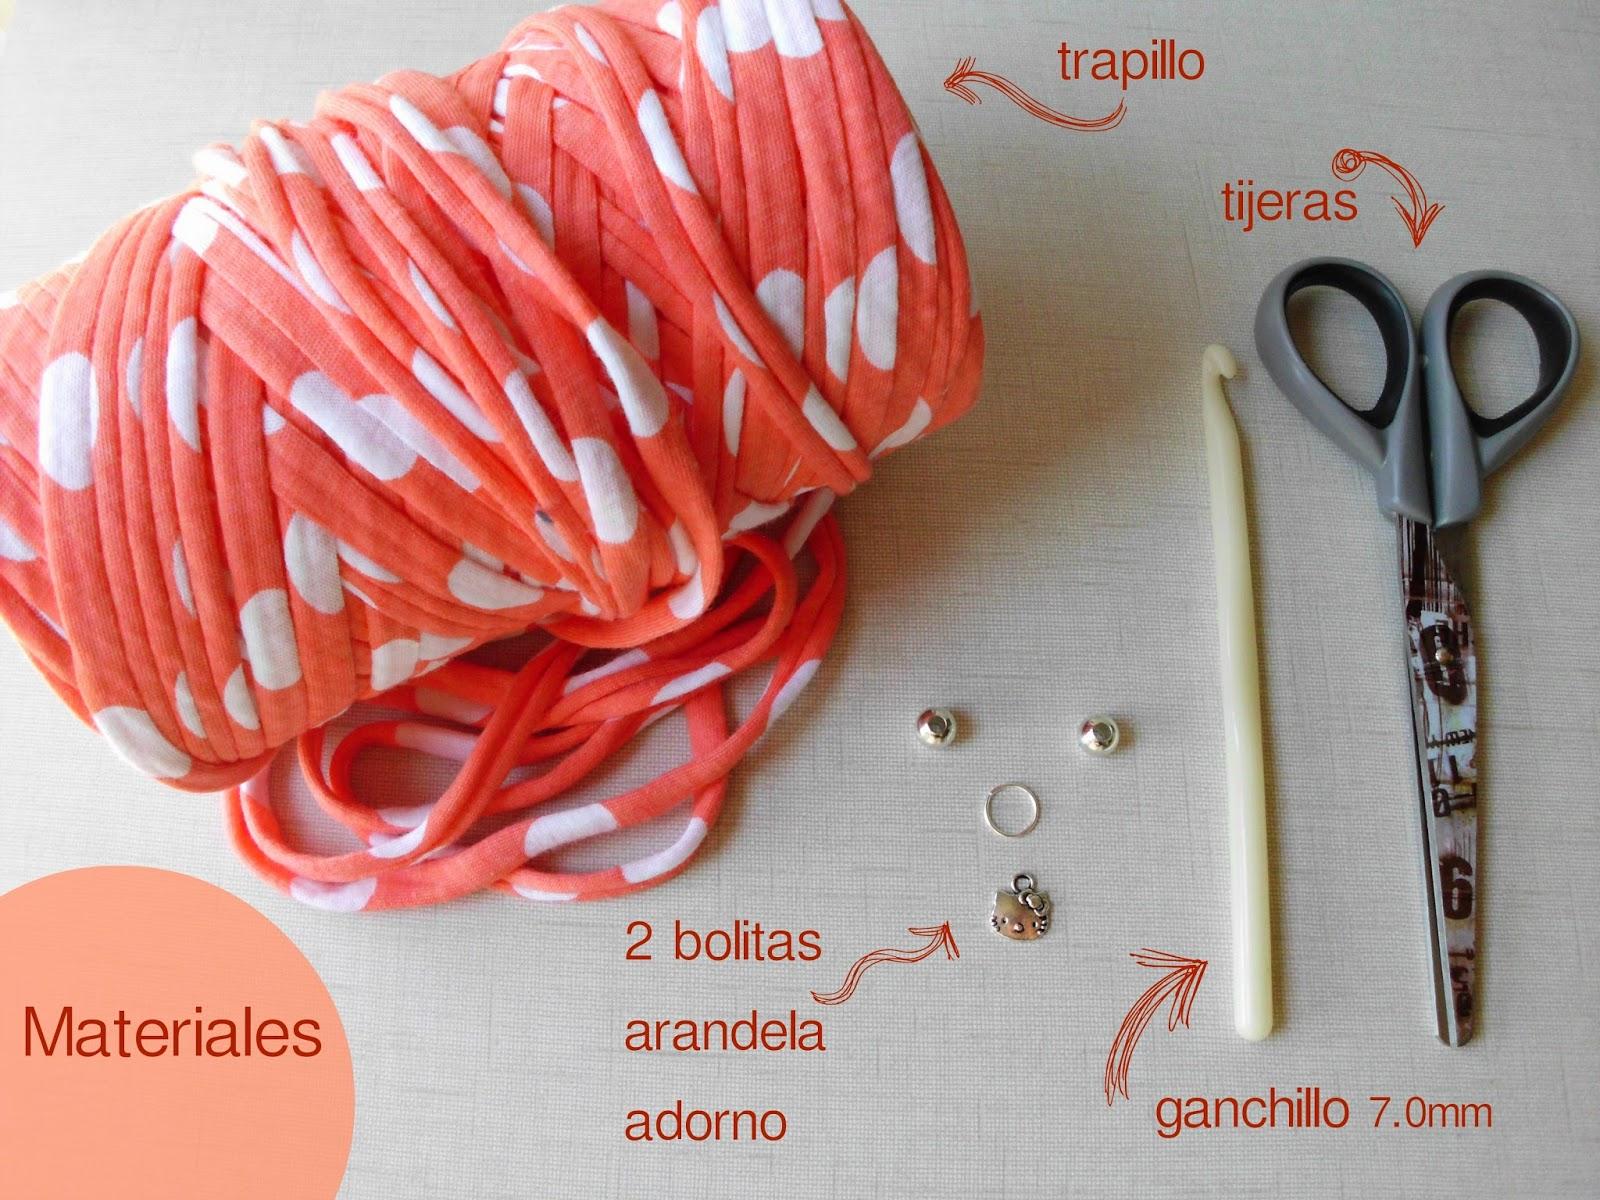 Diy Pulseras De Trapillo Handbox Craft Lovers Comunidad Diy